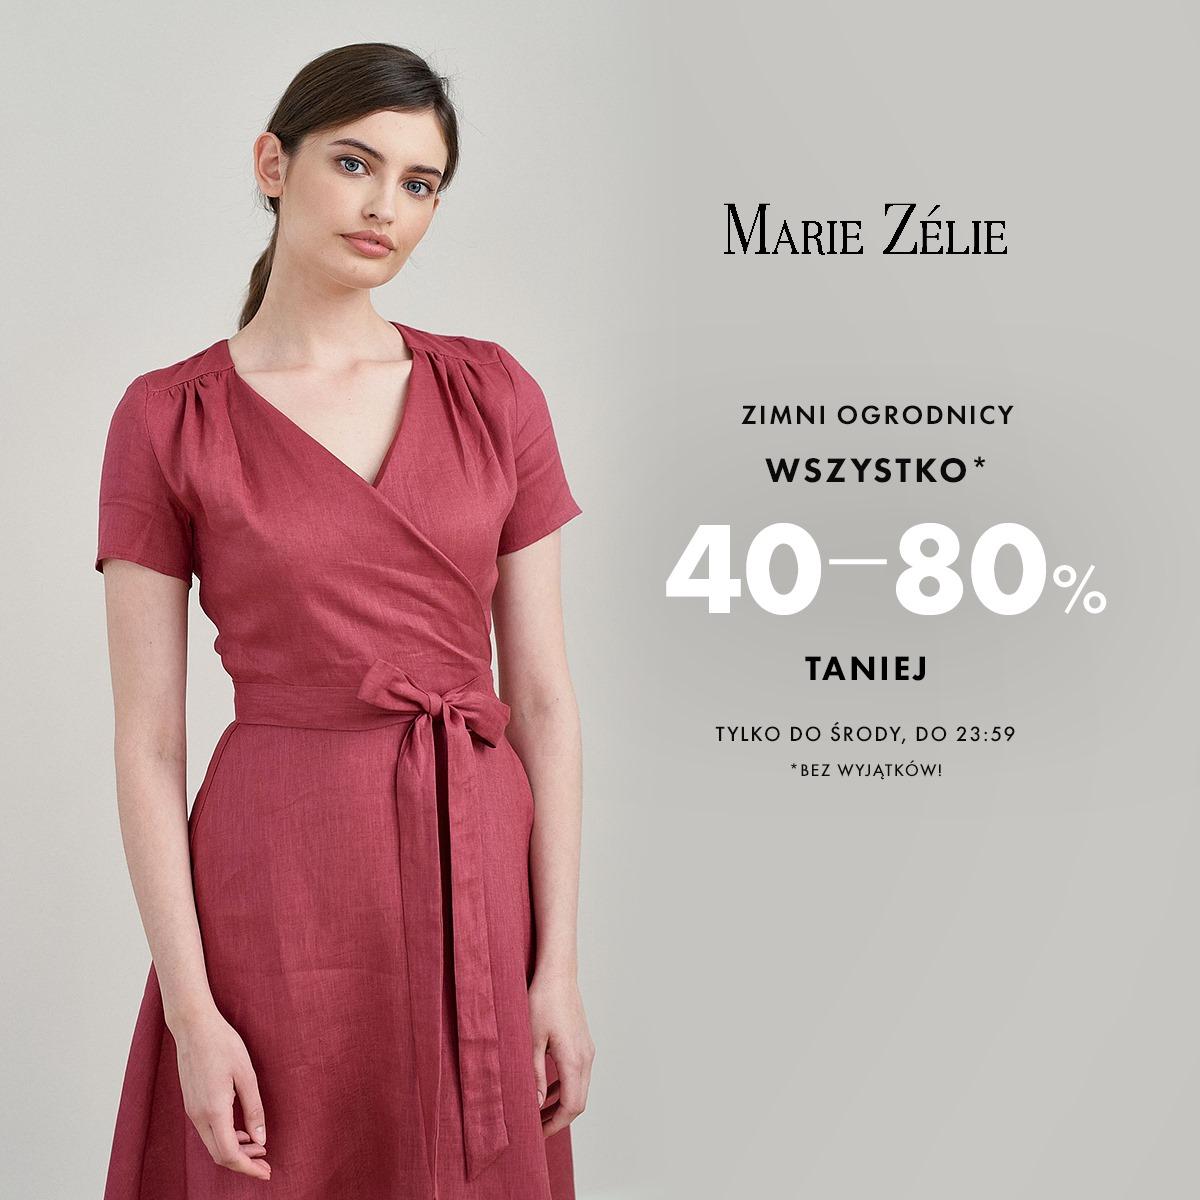 Marie Zelie: od 40% do 80% zniżki na cały asortyment - odzież damska m.in. sukienki, spódnice, bluzki, płaszcze